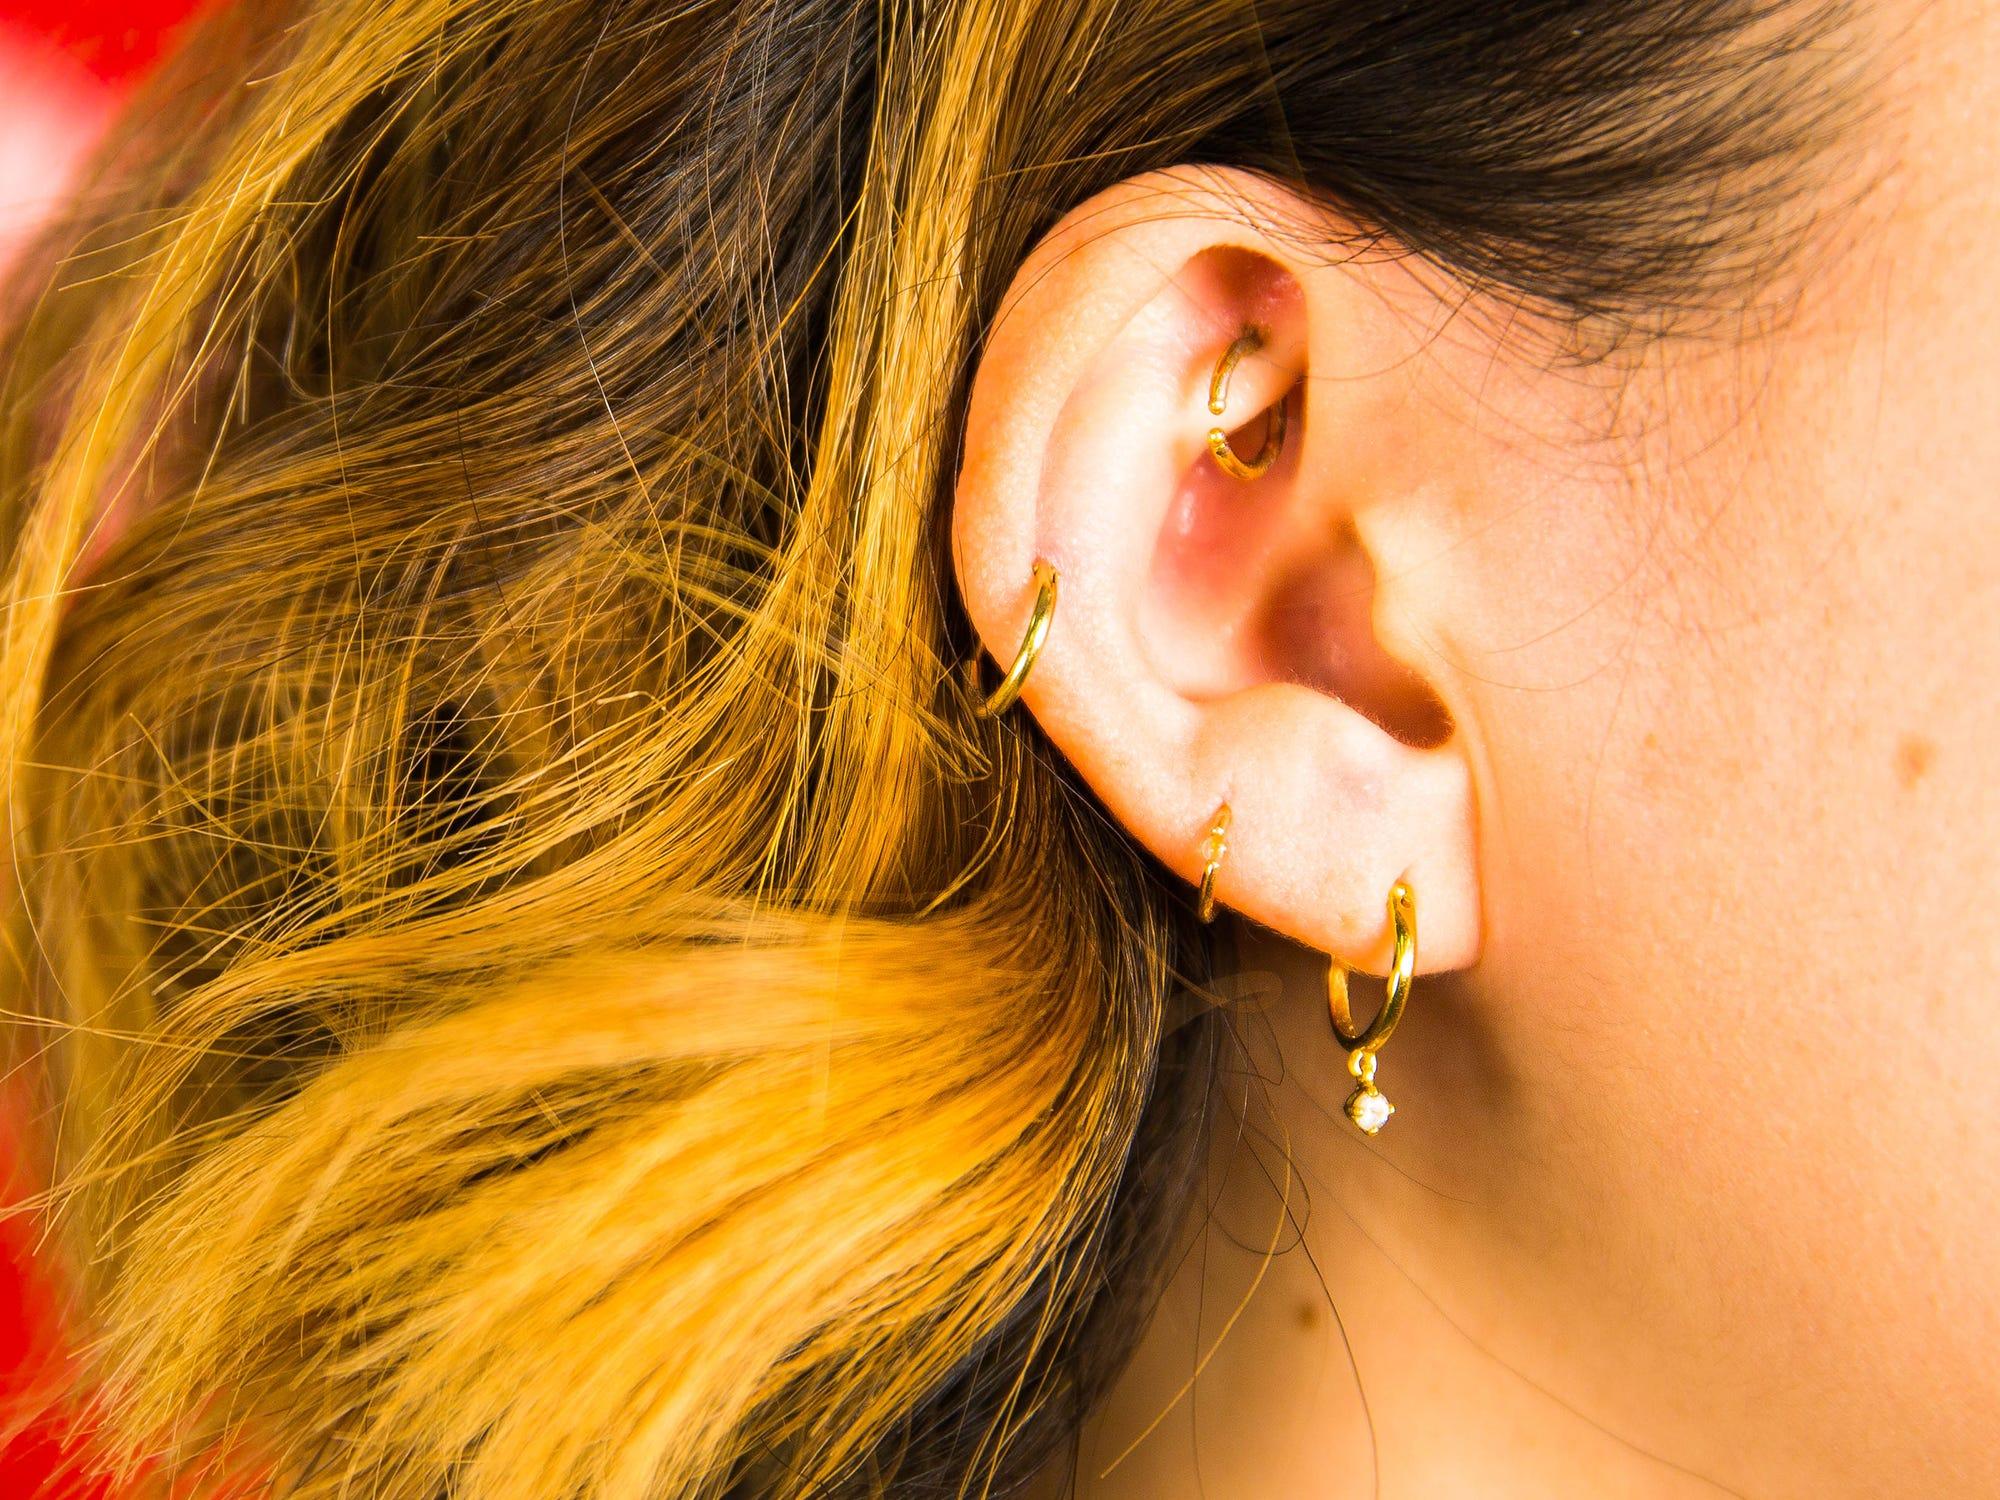 Sandra lee blackheads in ear